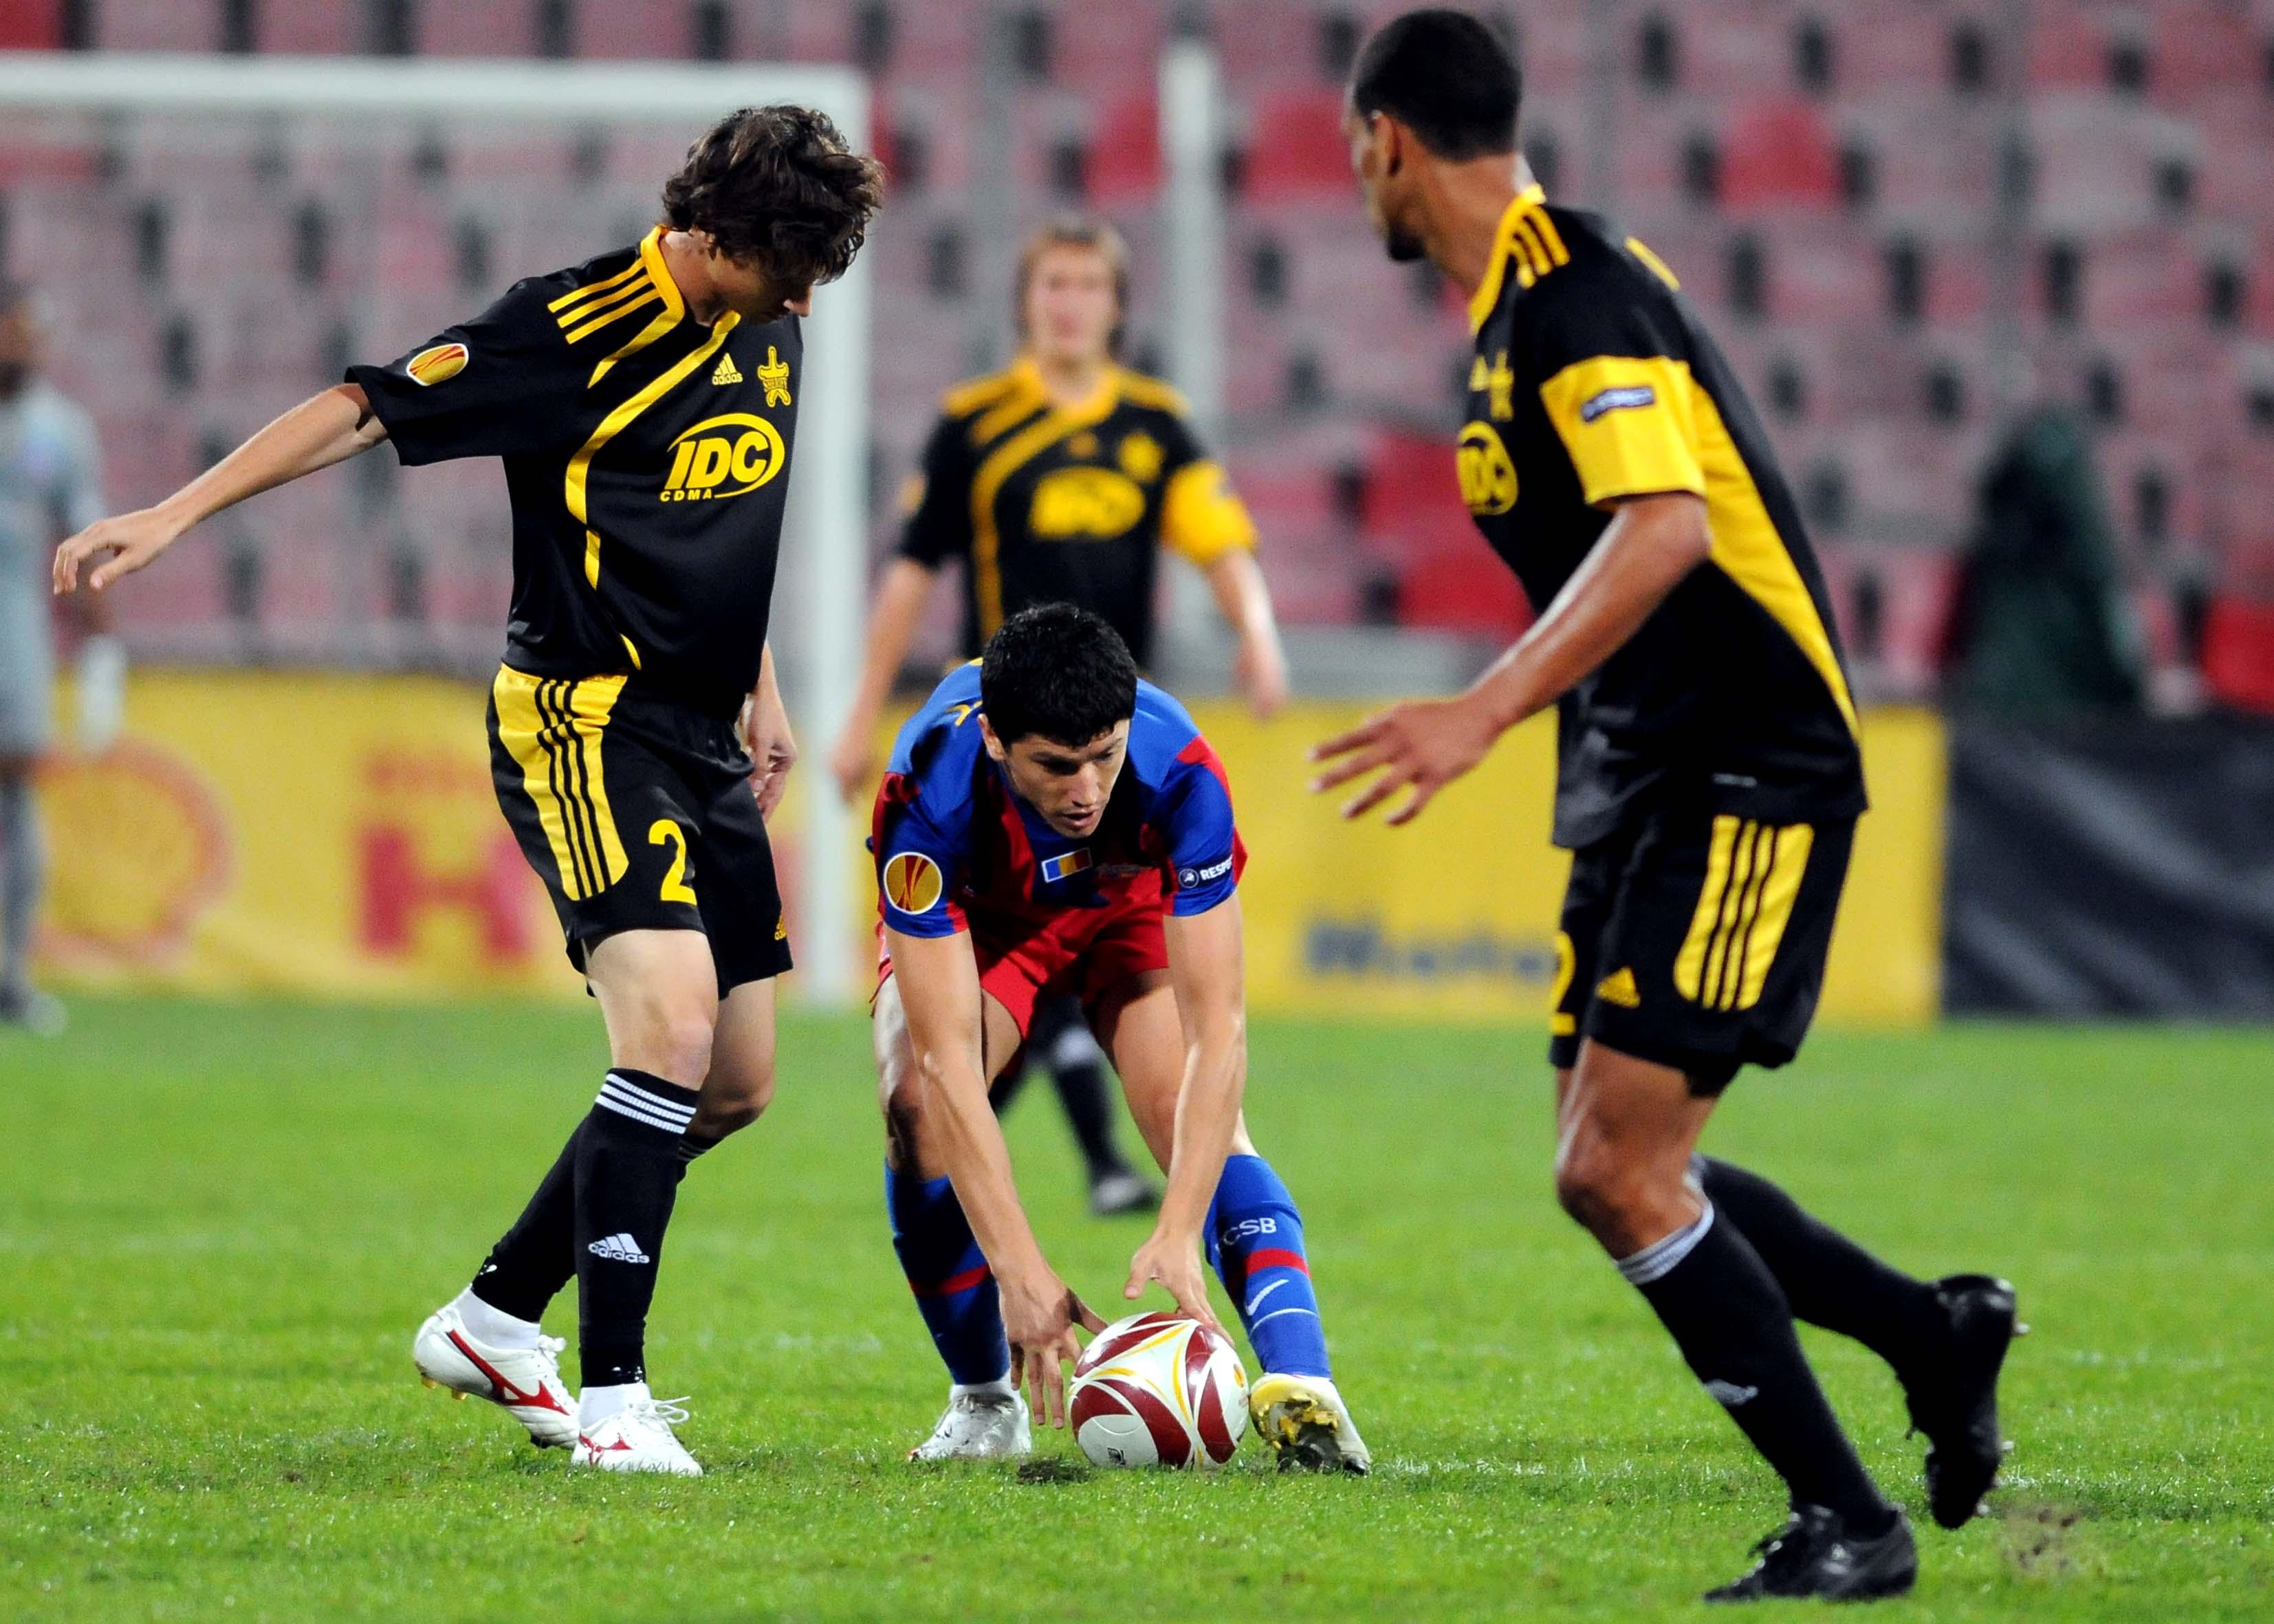 FCSB s-a împiedicat de Sheriff Tiraspol într-u meci jucat cu porţile închise (sursă foto: sportpictures.eu)